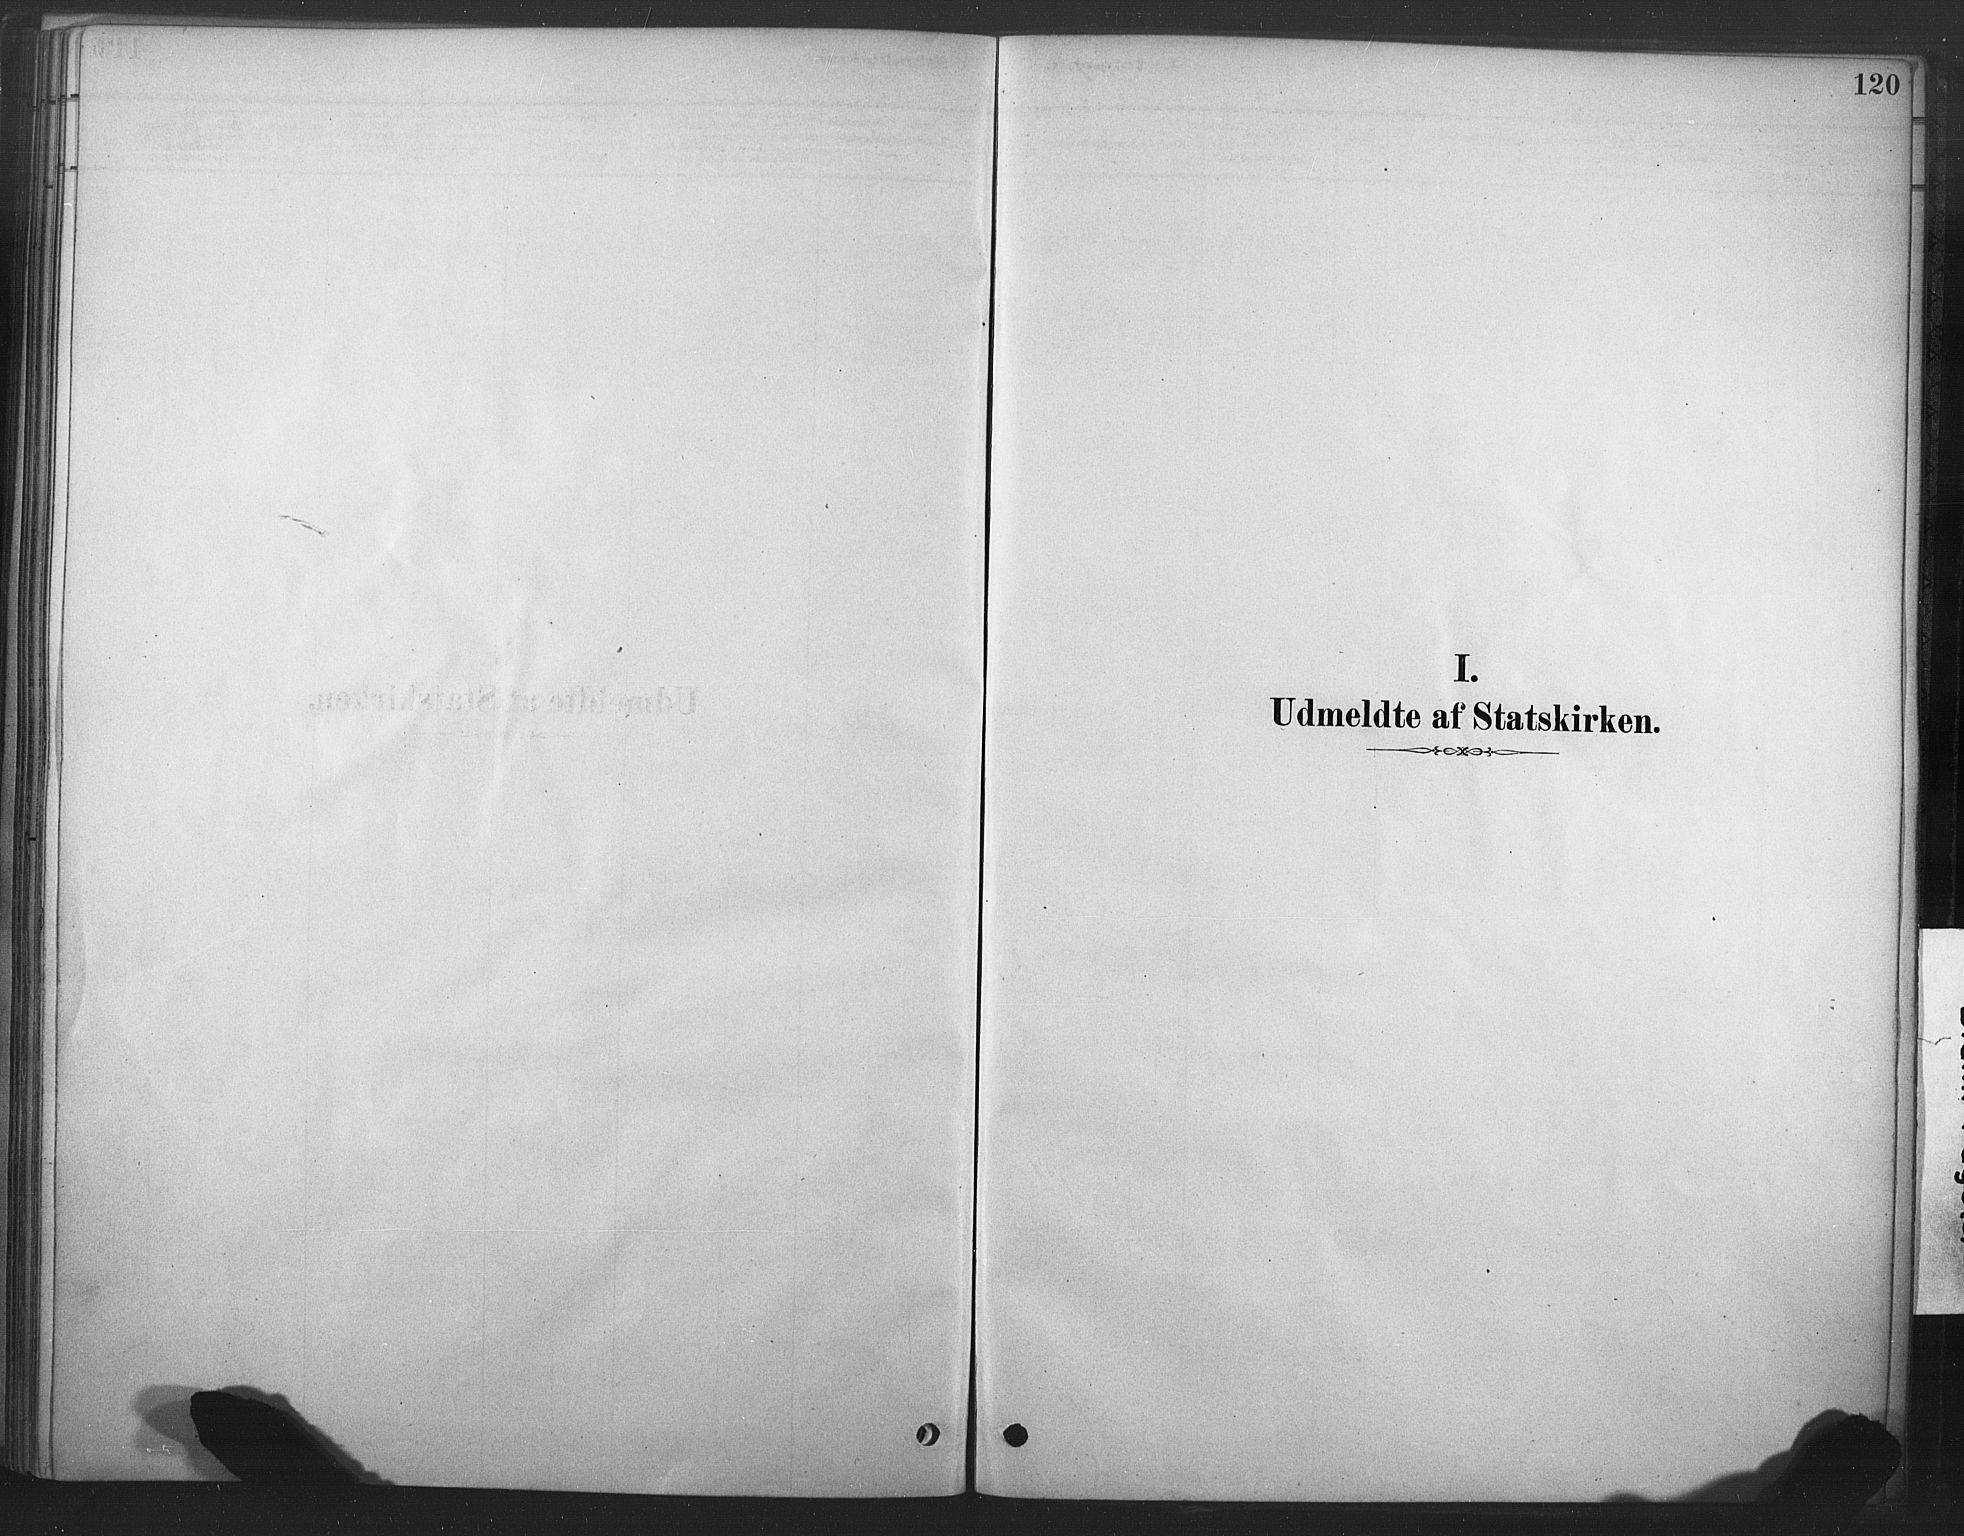 SAT, Ministerialprotokoller, klokkerbøker og fødselsregistre - Nord-Trøndelag, 719/L0178: Ministerialbok nr. 719A01, 1878-1900, s. 120